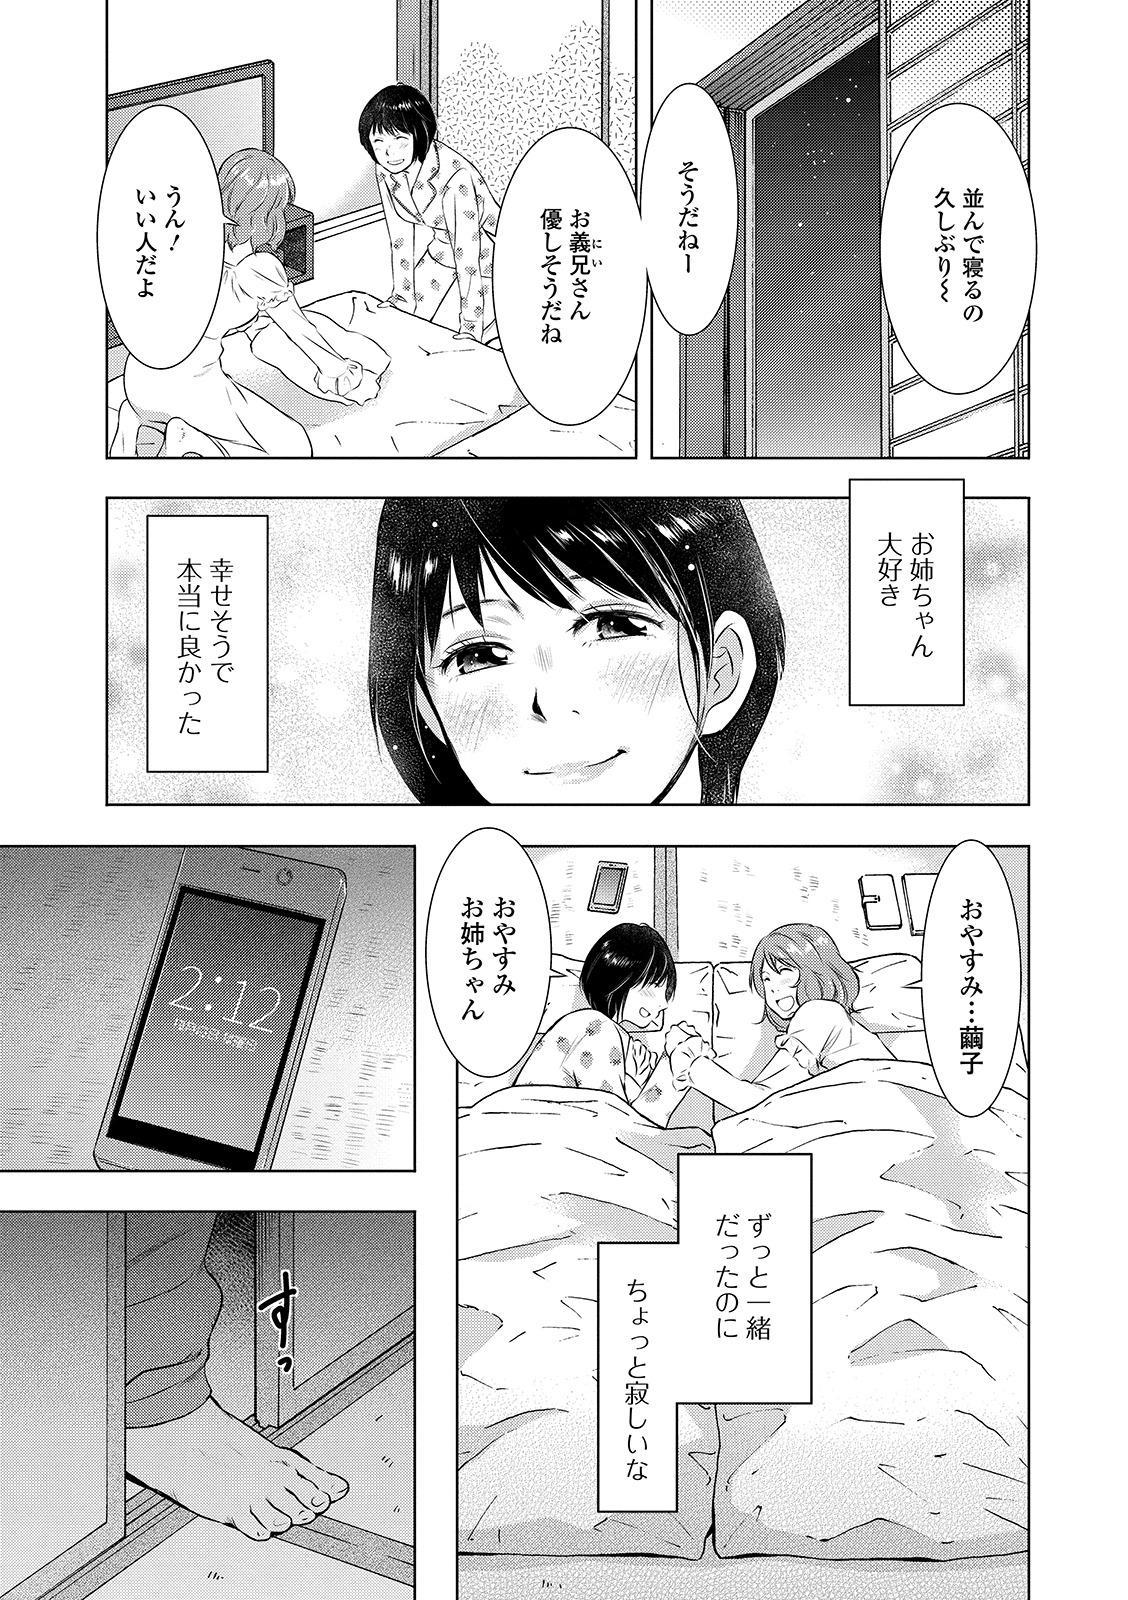 Web Haishin Gekkan Tonari no Kininaru Oku-san Vol. 033 4